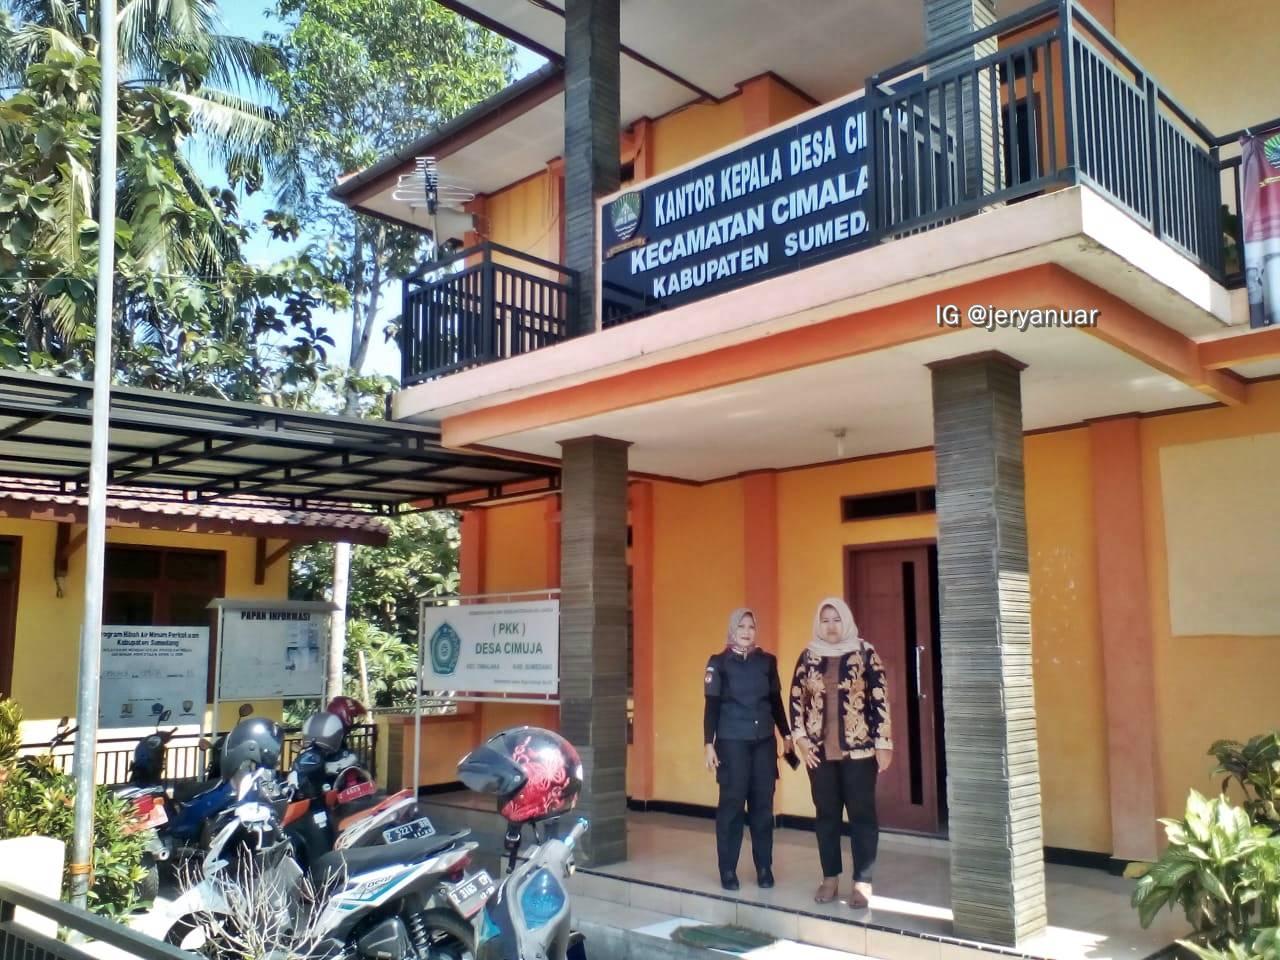 Kantor Desa Cimuja, Kab. Sumedang